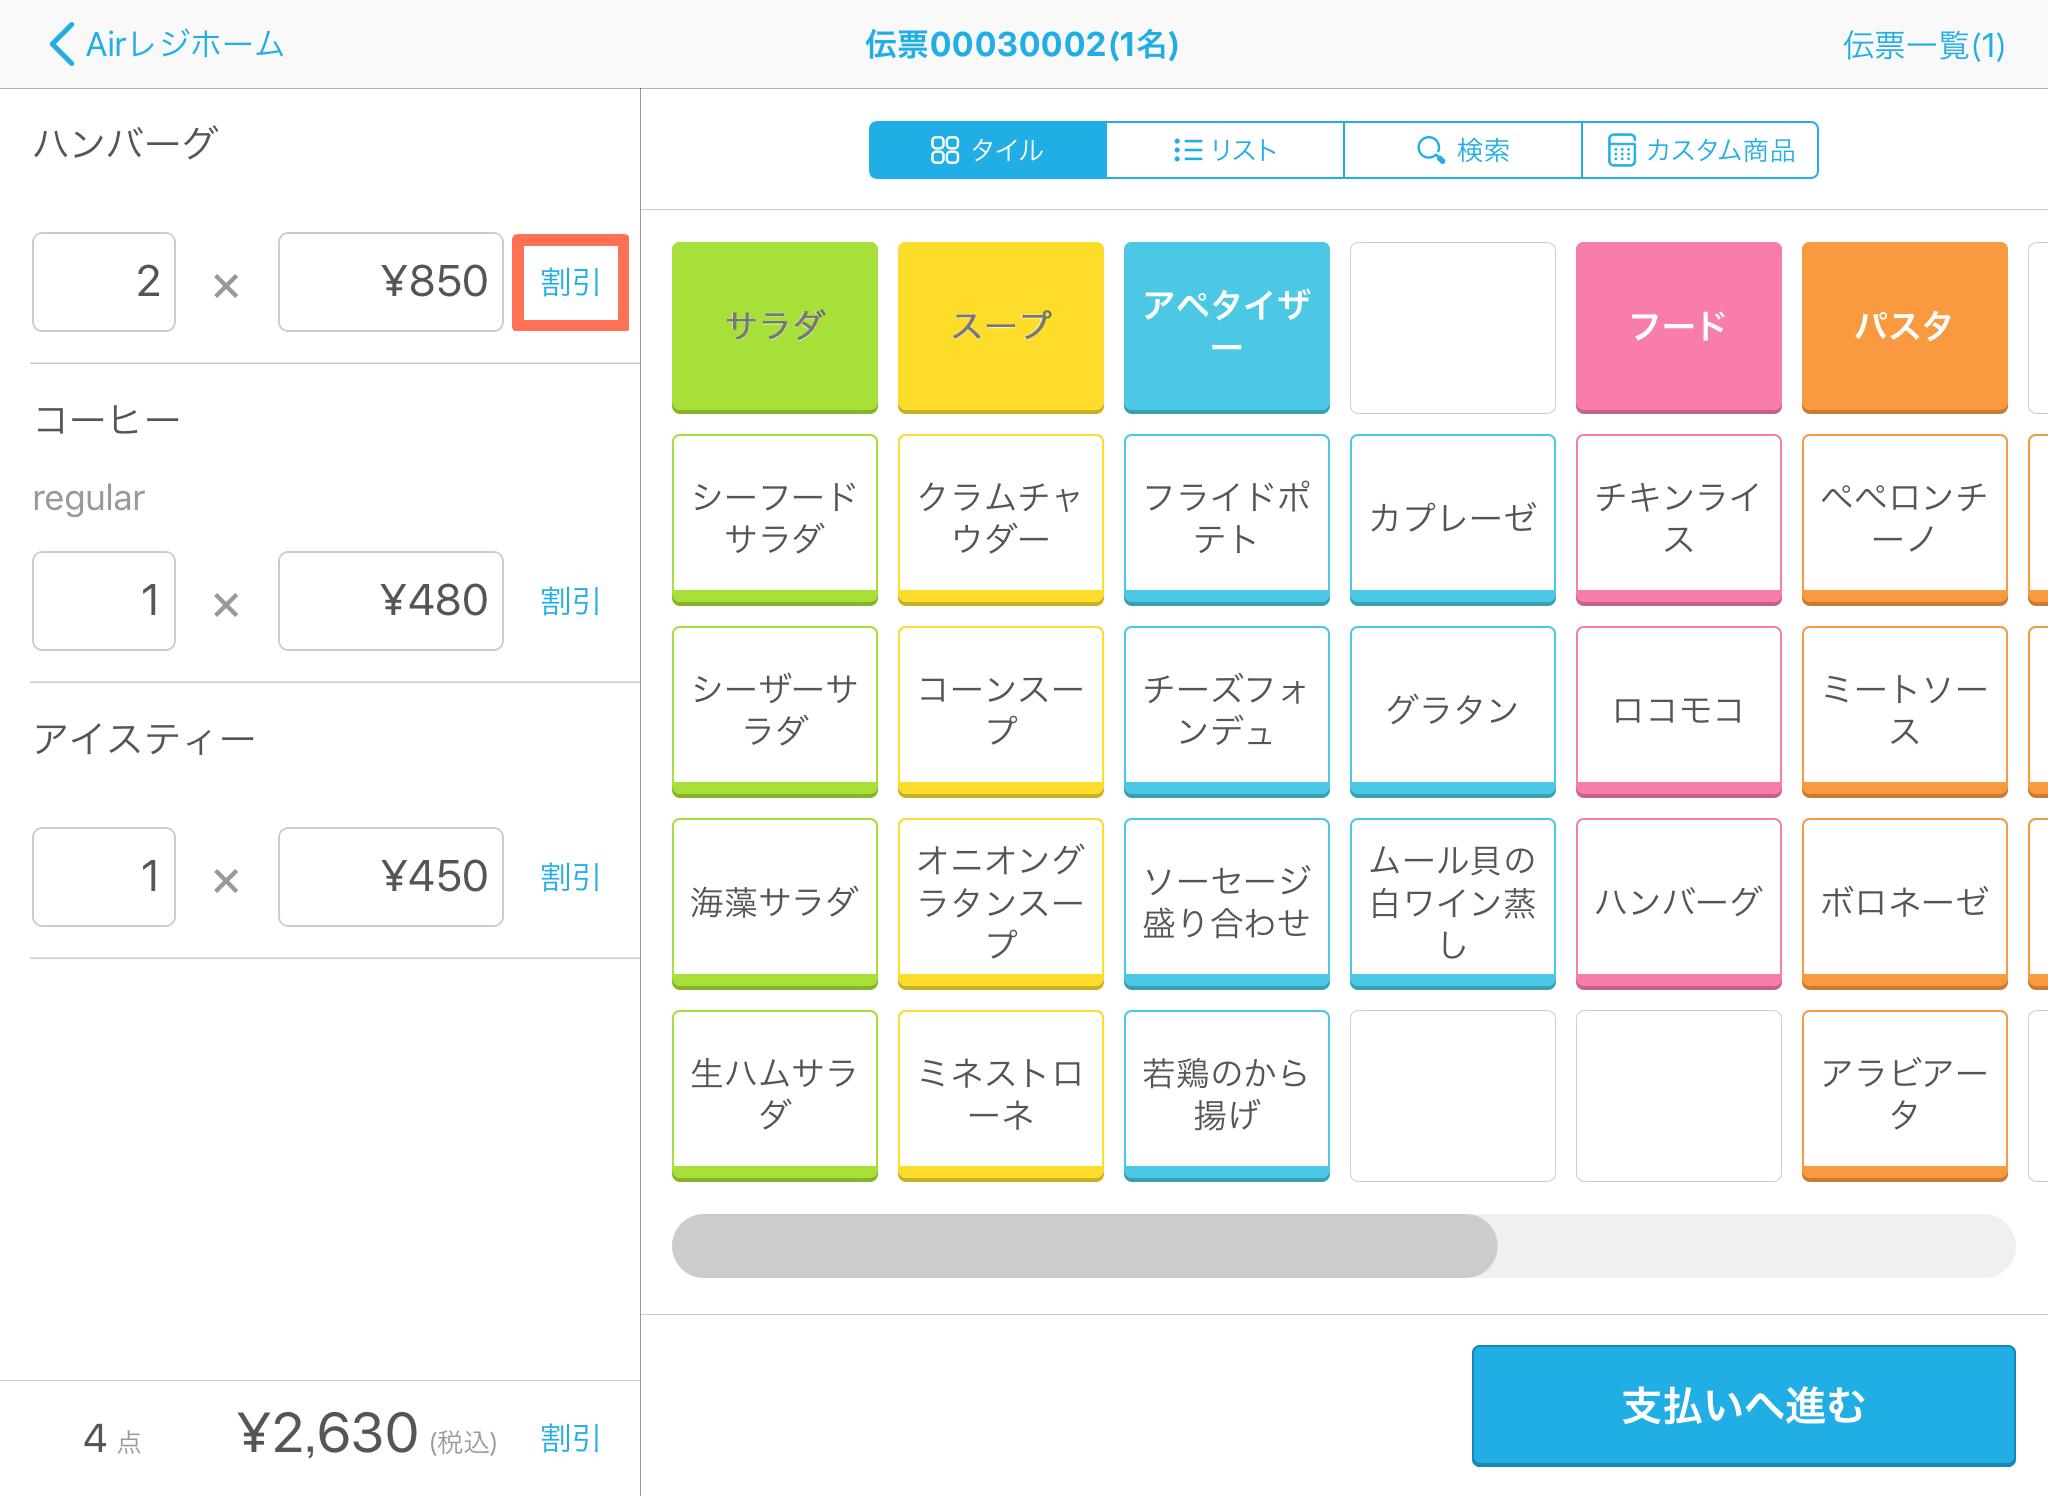 Airレジ 注文入力画面(タイル表示)伝票